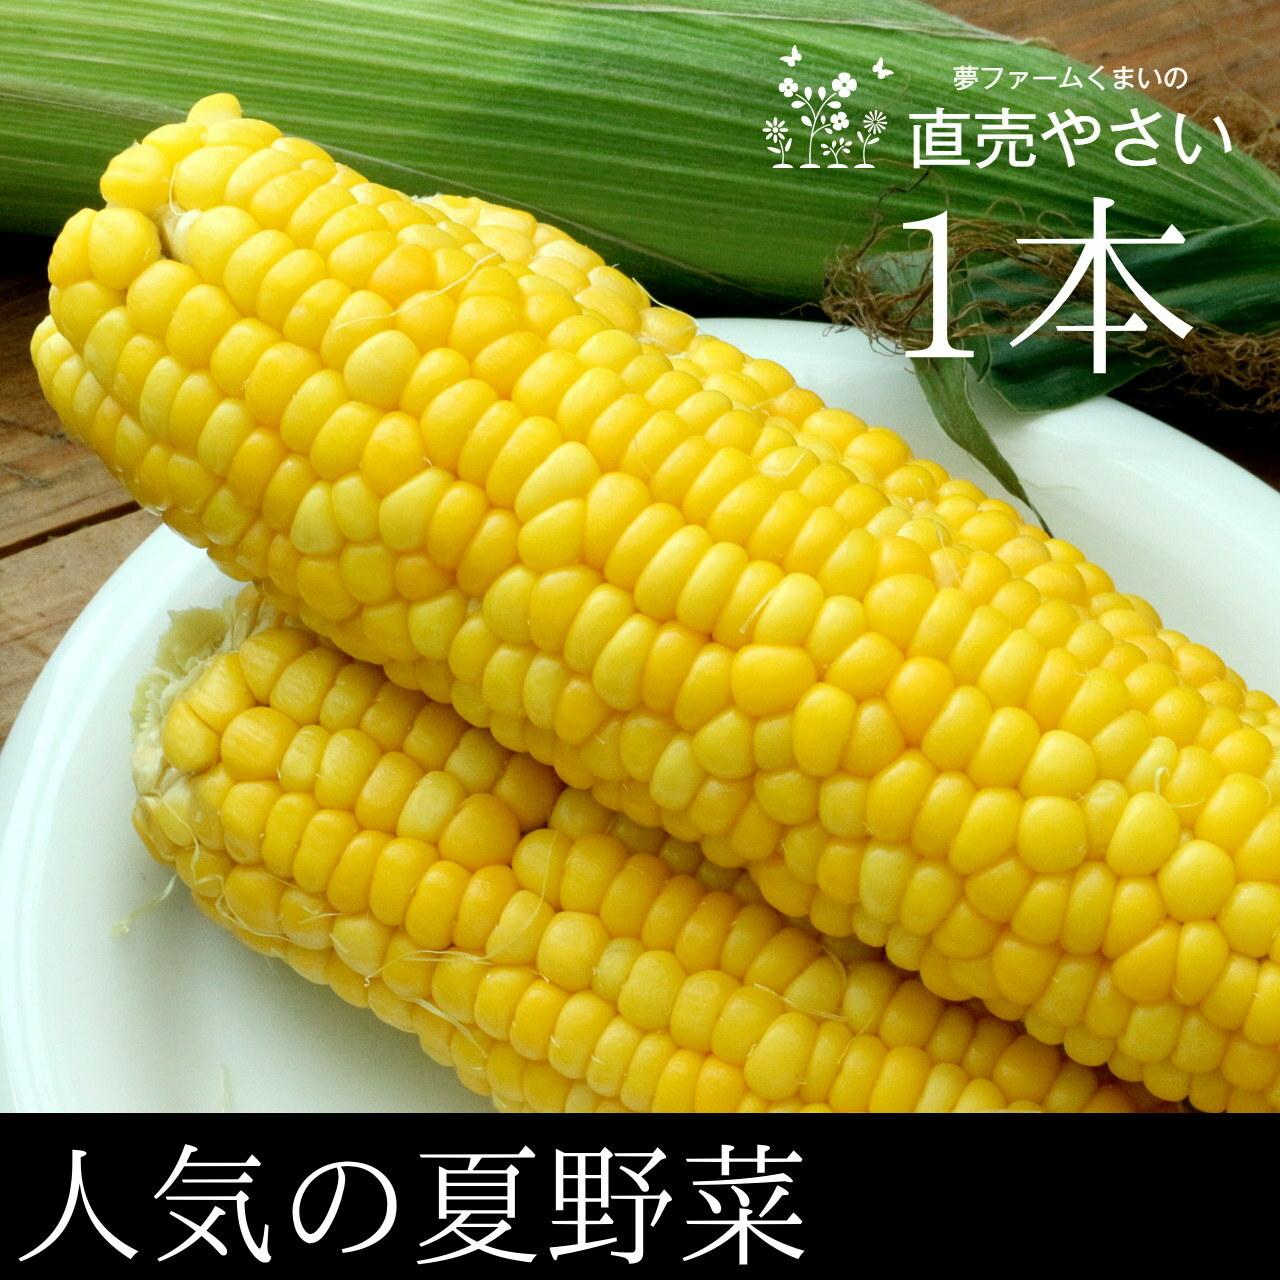 とうもろこし 人気の夏野菜 1本 予約販売 7月中旬発送 新潟阿賀野産 朝採り 直売野菜